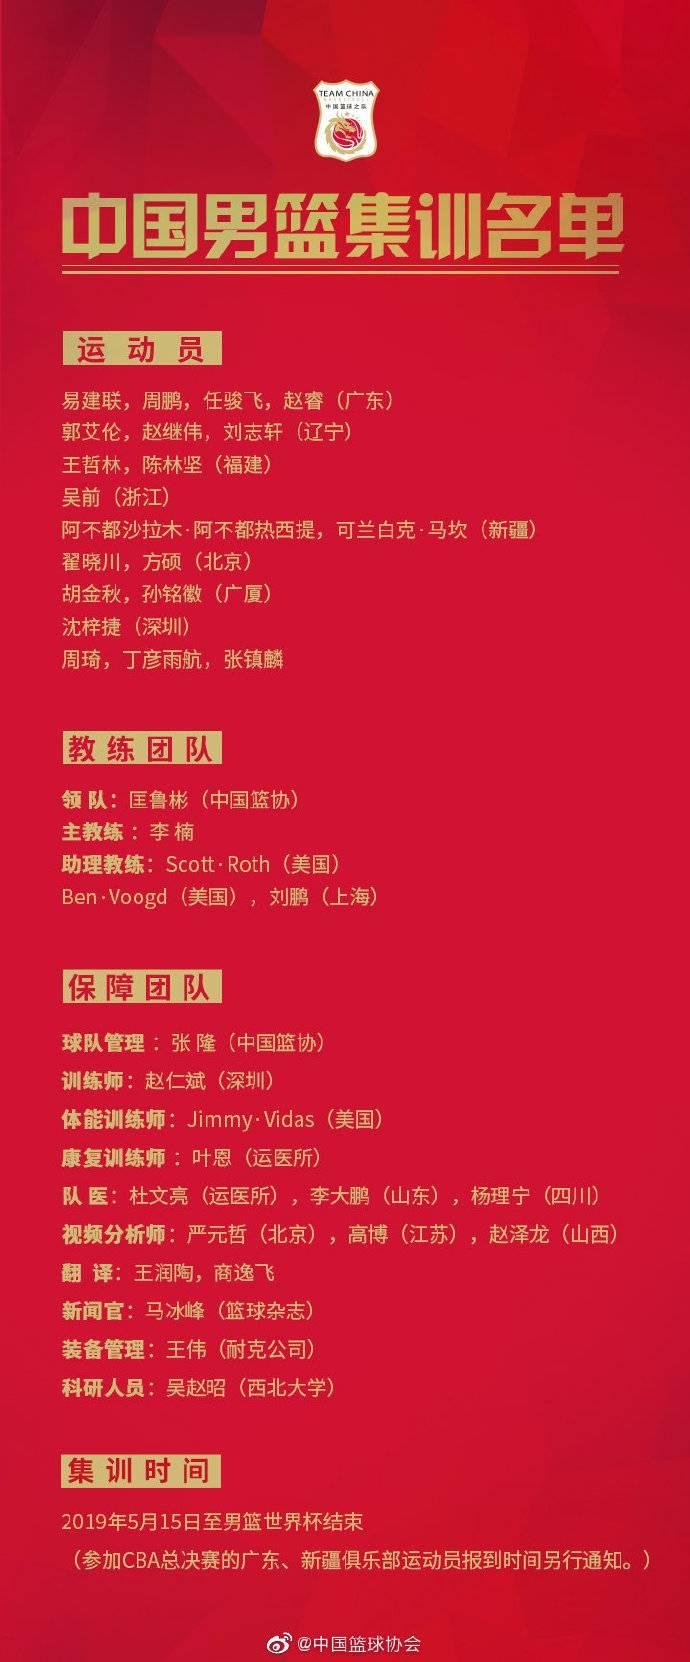 中国男篮大名单_剑指世界杯!中国男篮大名单出炉 几大明星顺利入选 _阿不都